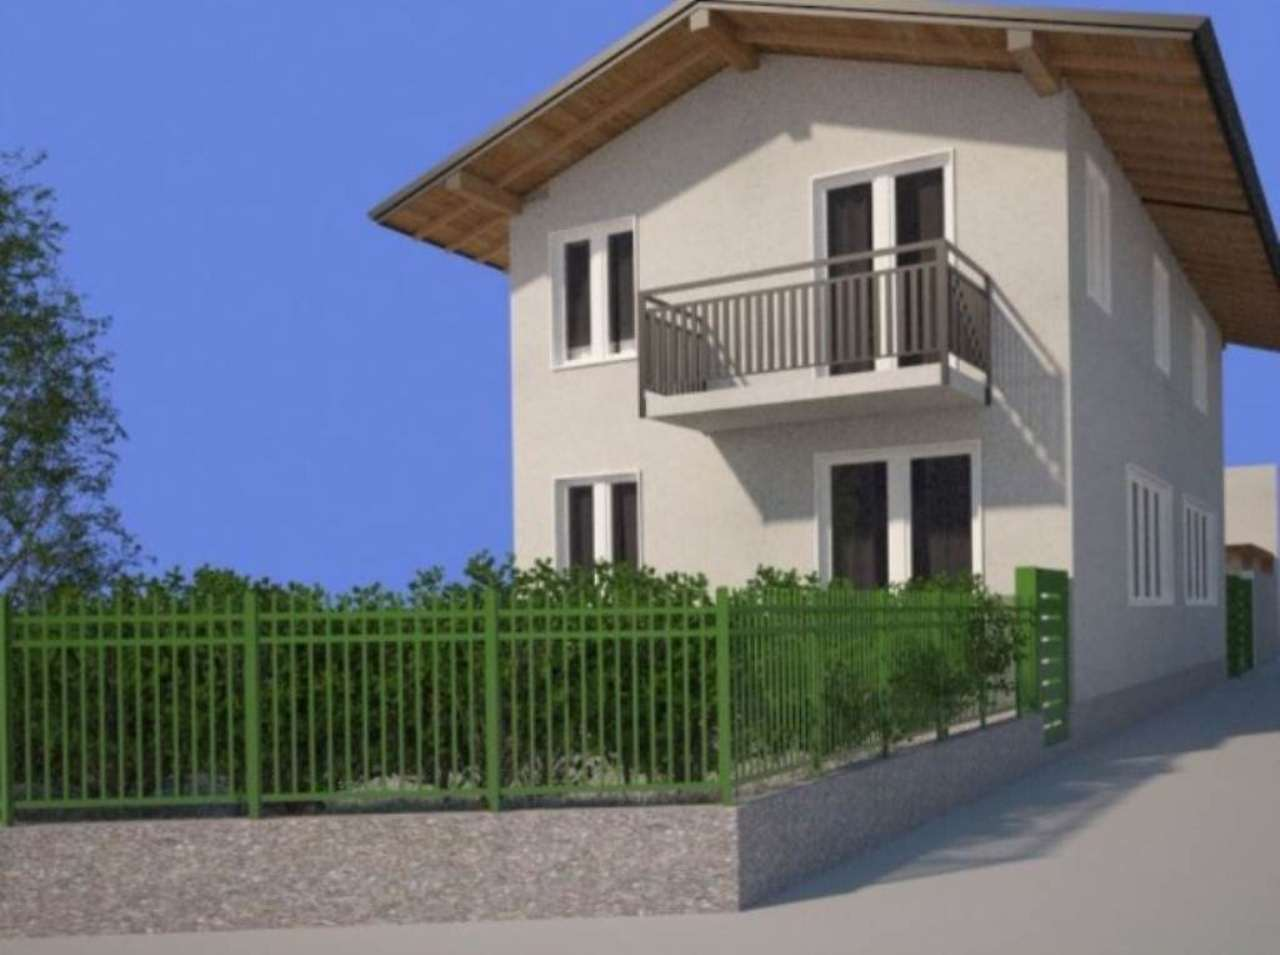 Villa in vendita a Mornago, 4 locali, prezzo € 99.000 | Cambio Casa.it